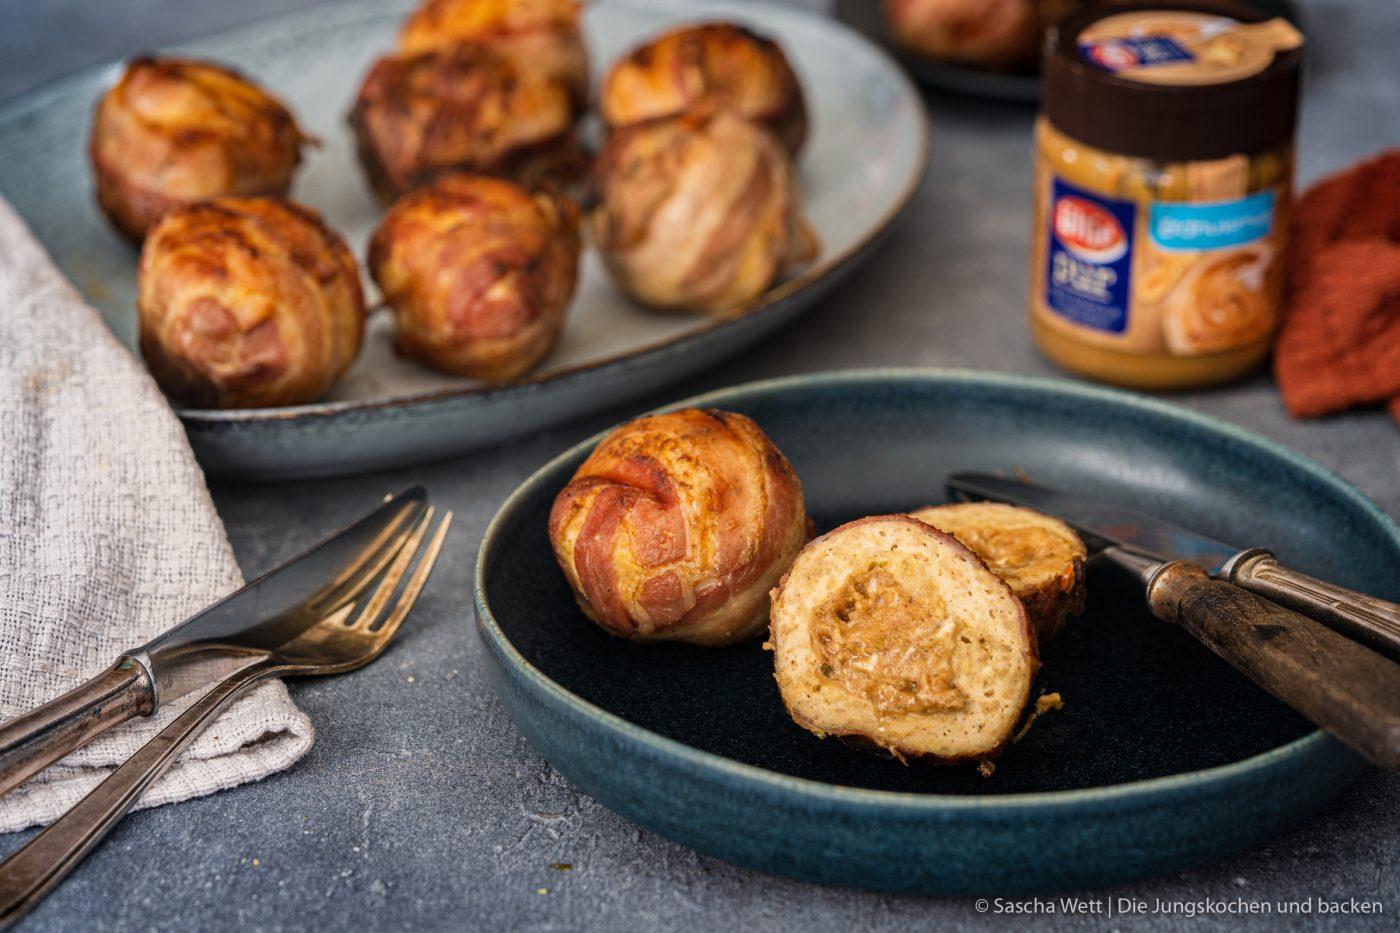 Chicken Peanut Balls ültje pur 13 | Es ist mal wieder Zeit für ein neues Rezept, das wir gemeinsam mit ültje entwickelt haben. Aktuell stehen bestimmt auch viele von euch regelmäßig am Grill und wir dachten, wir zeigen euch ein Knaller-Rezept für eure nächste Grillsession. Unfassbar gute Chicken-Bacon Bombs mit einer würzigen Erdnussfüllung. Da läuft einem doch direkt das Wasser im Mund zusammen, oder?!